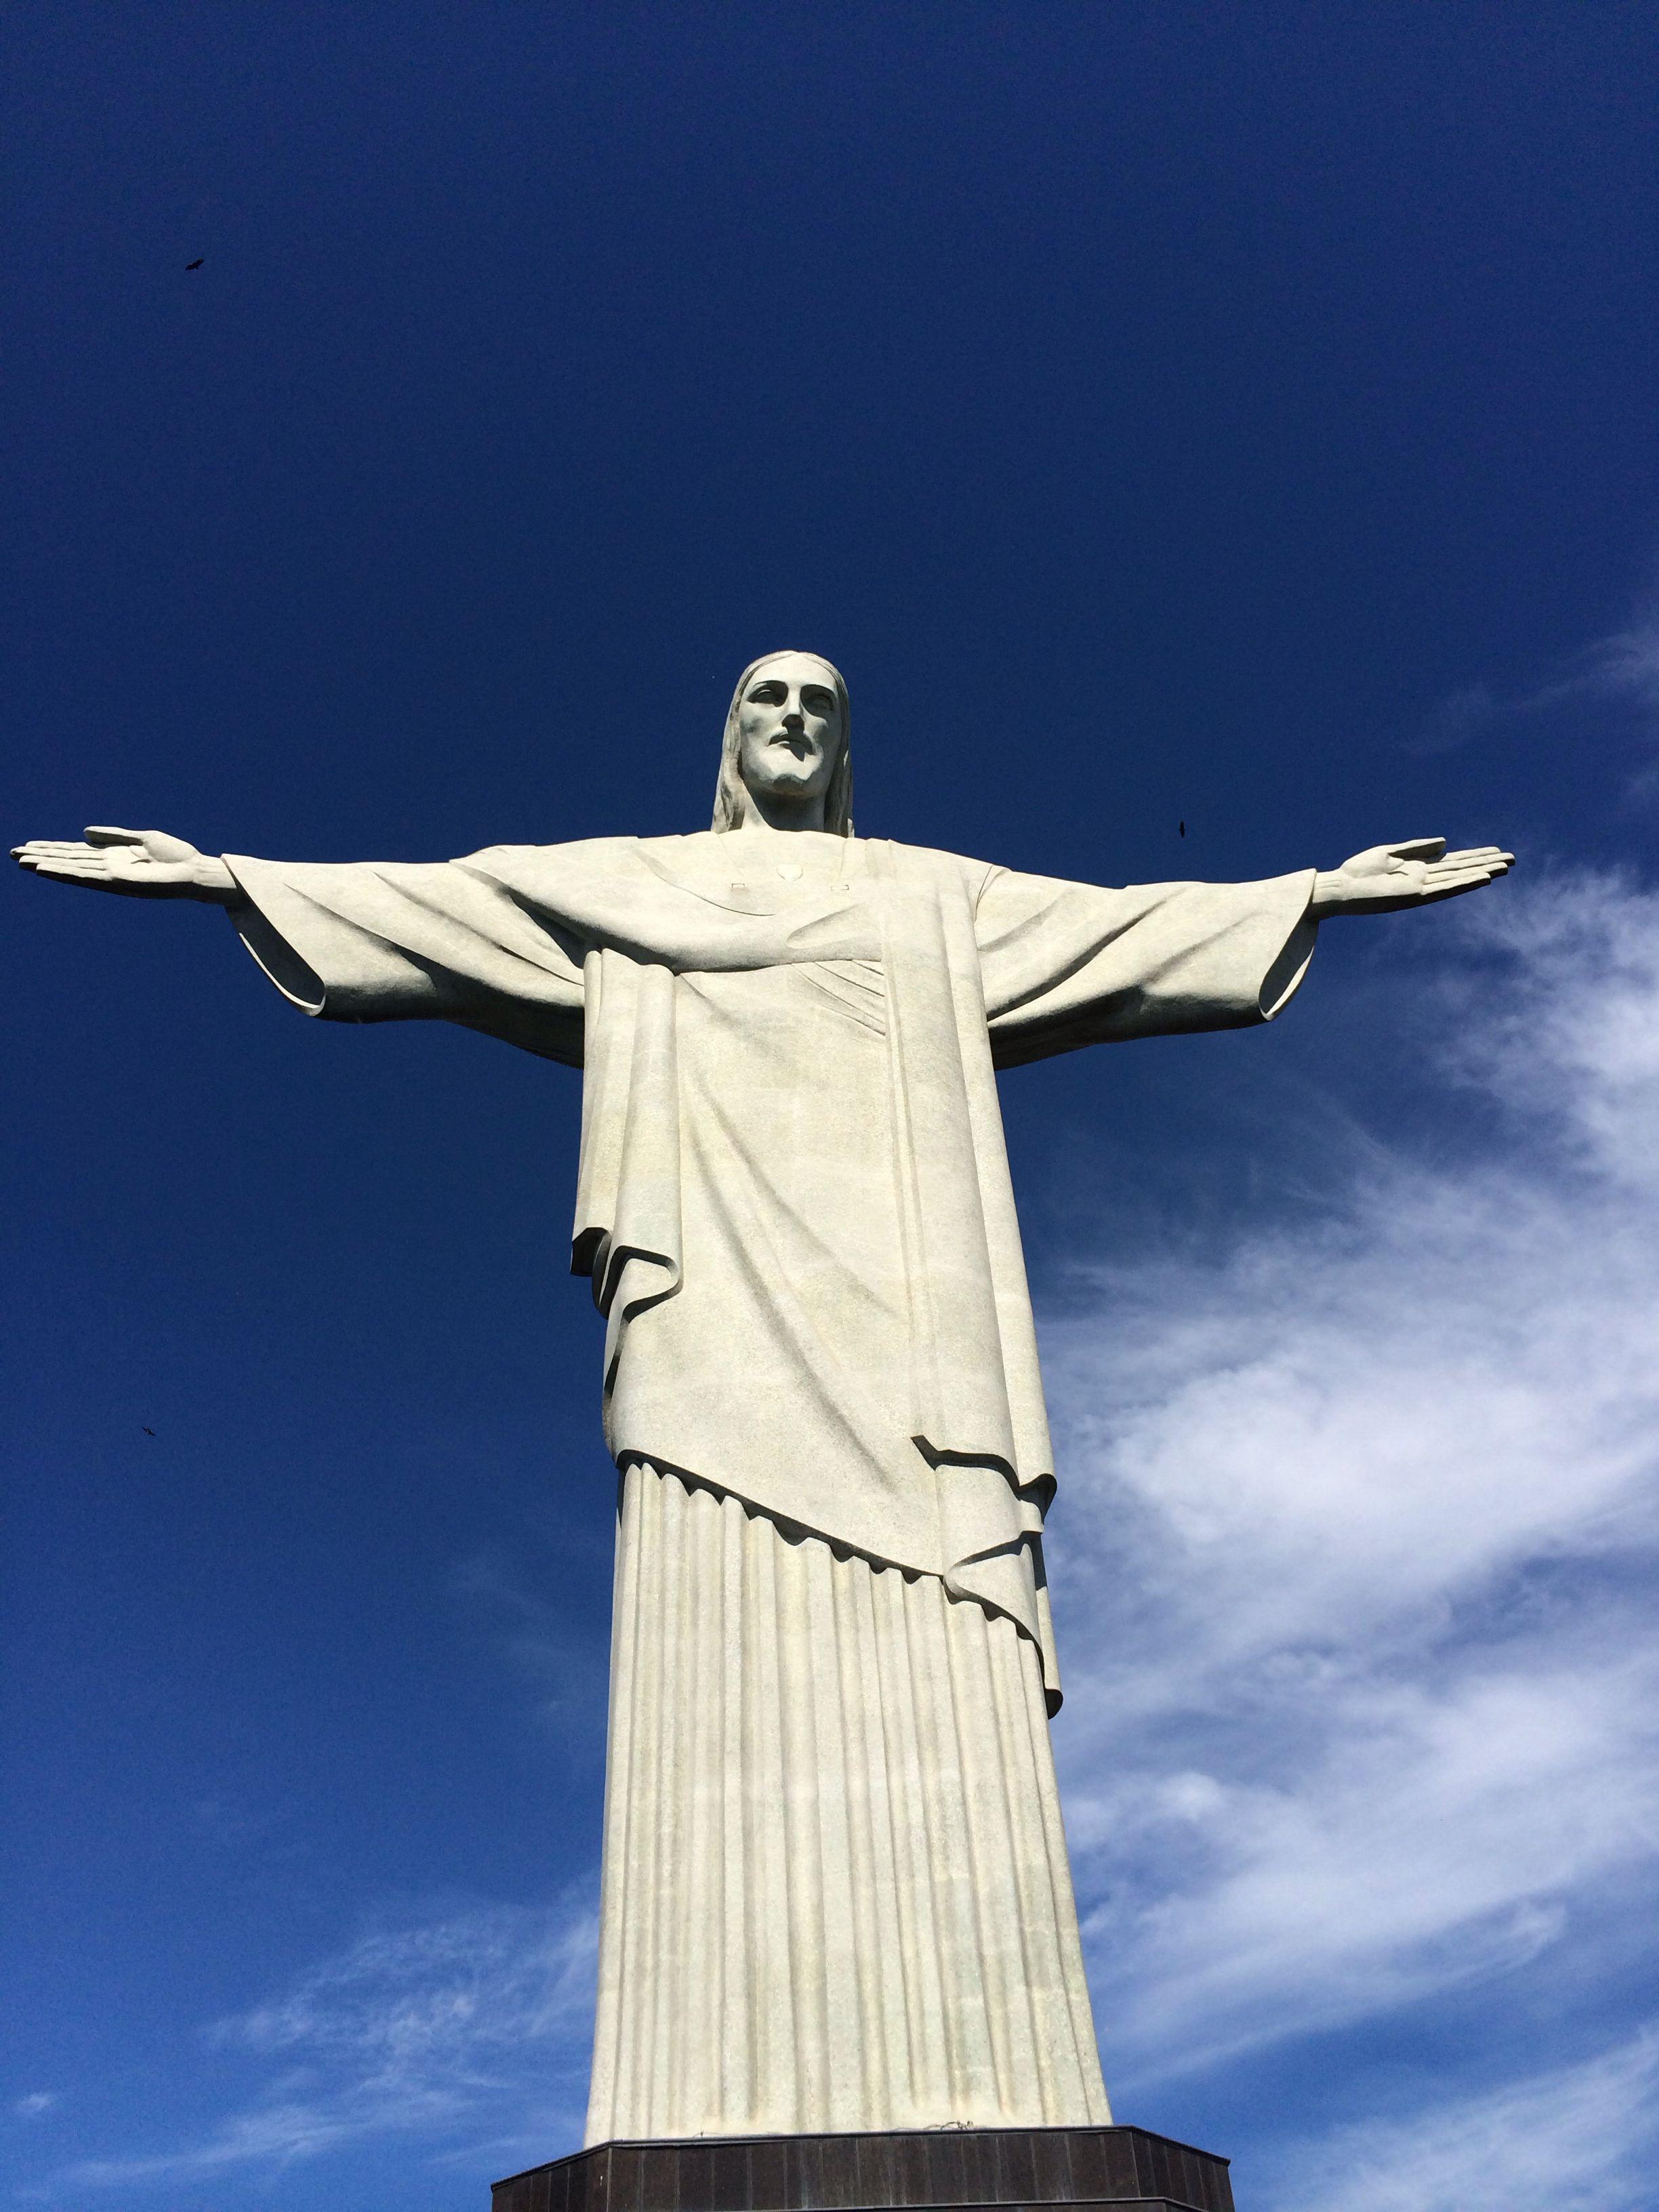 Cristo do Corcovado - Rio de Janeiro Brazil